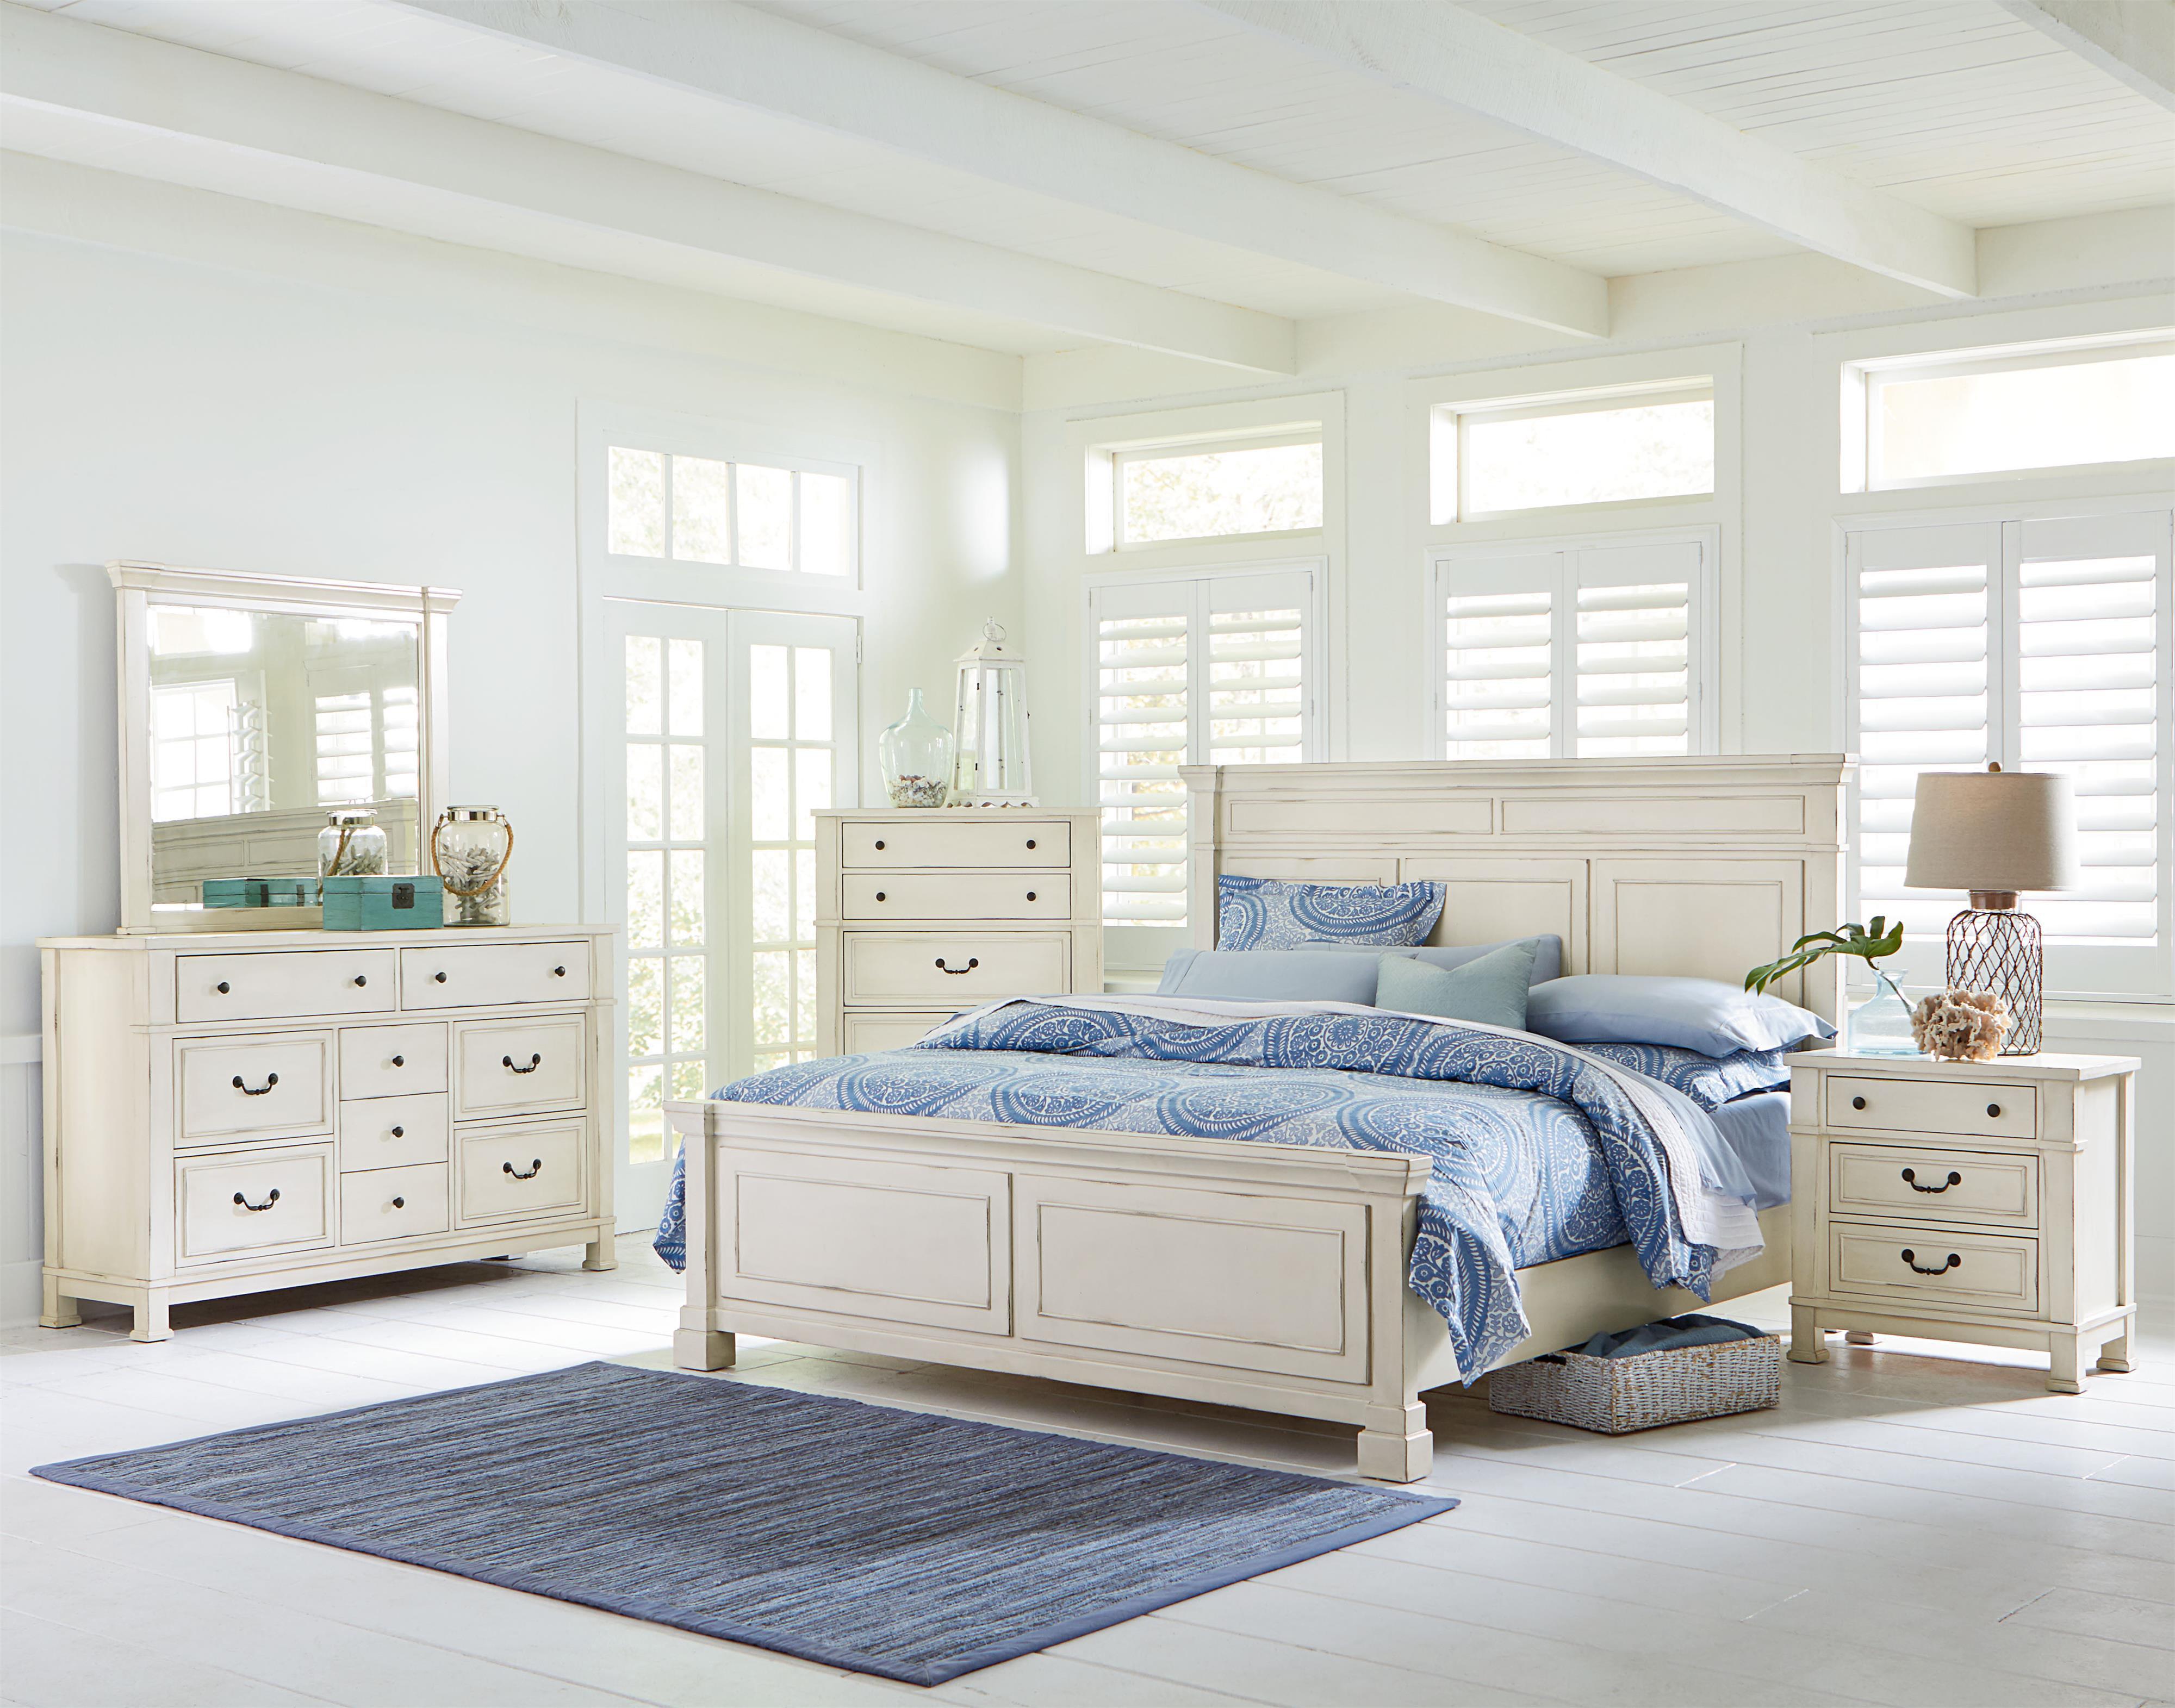 Derwent Standard Configurable Wood Bedroom Set